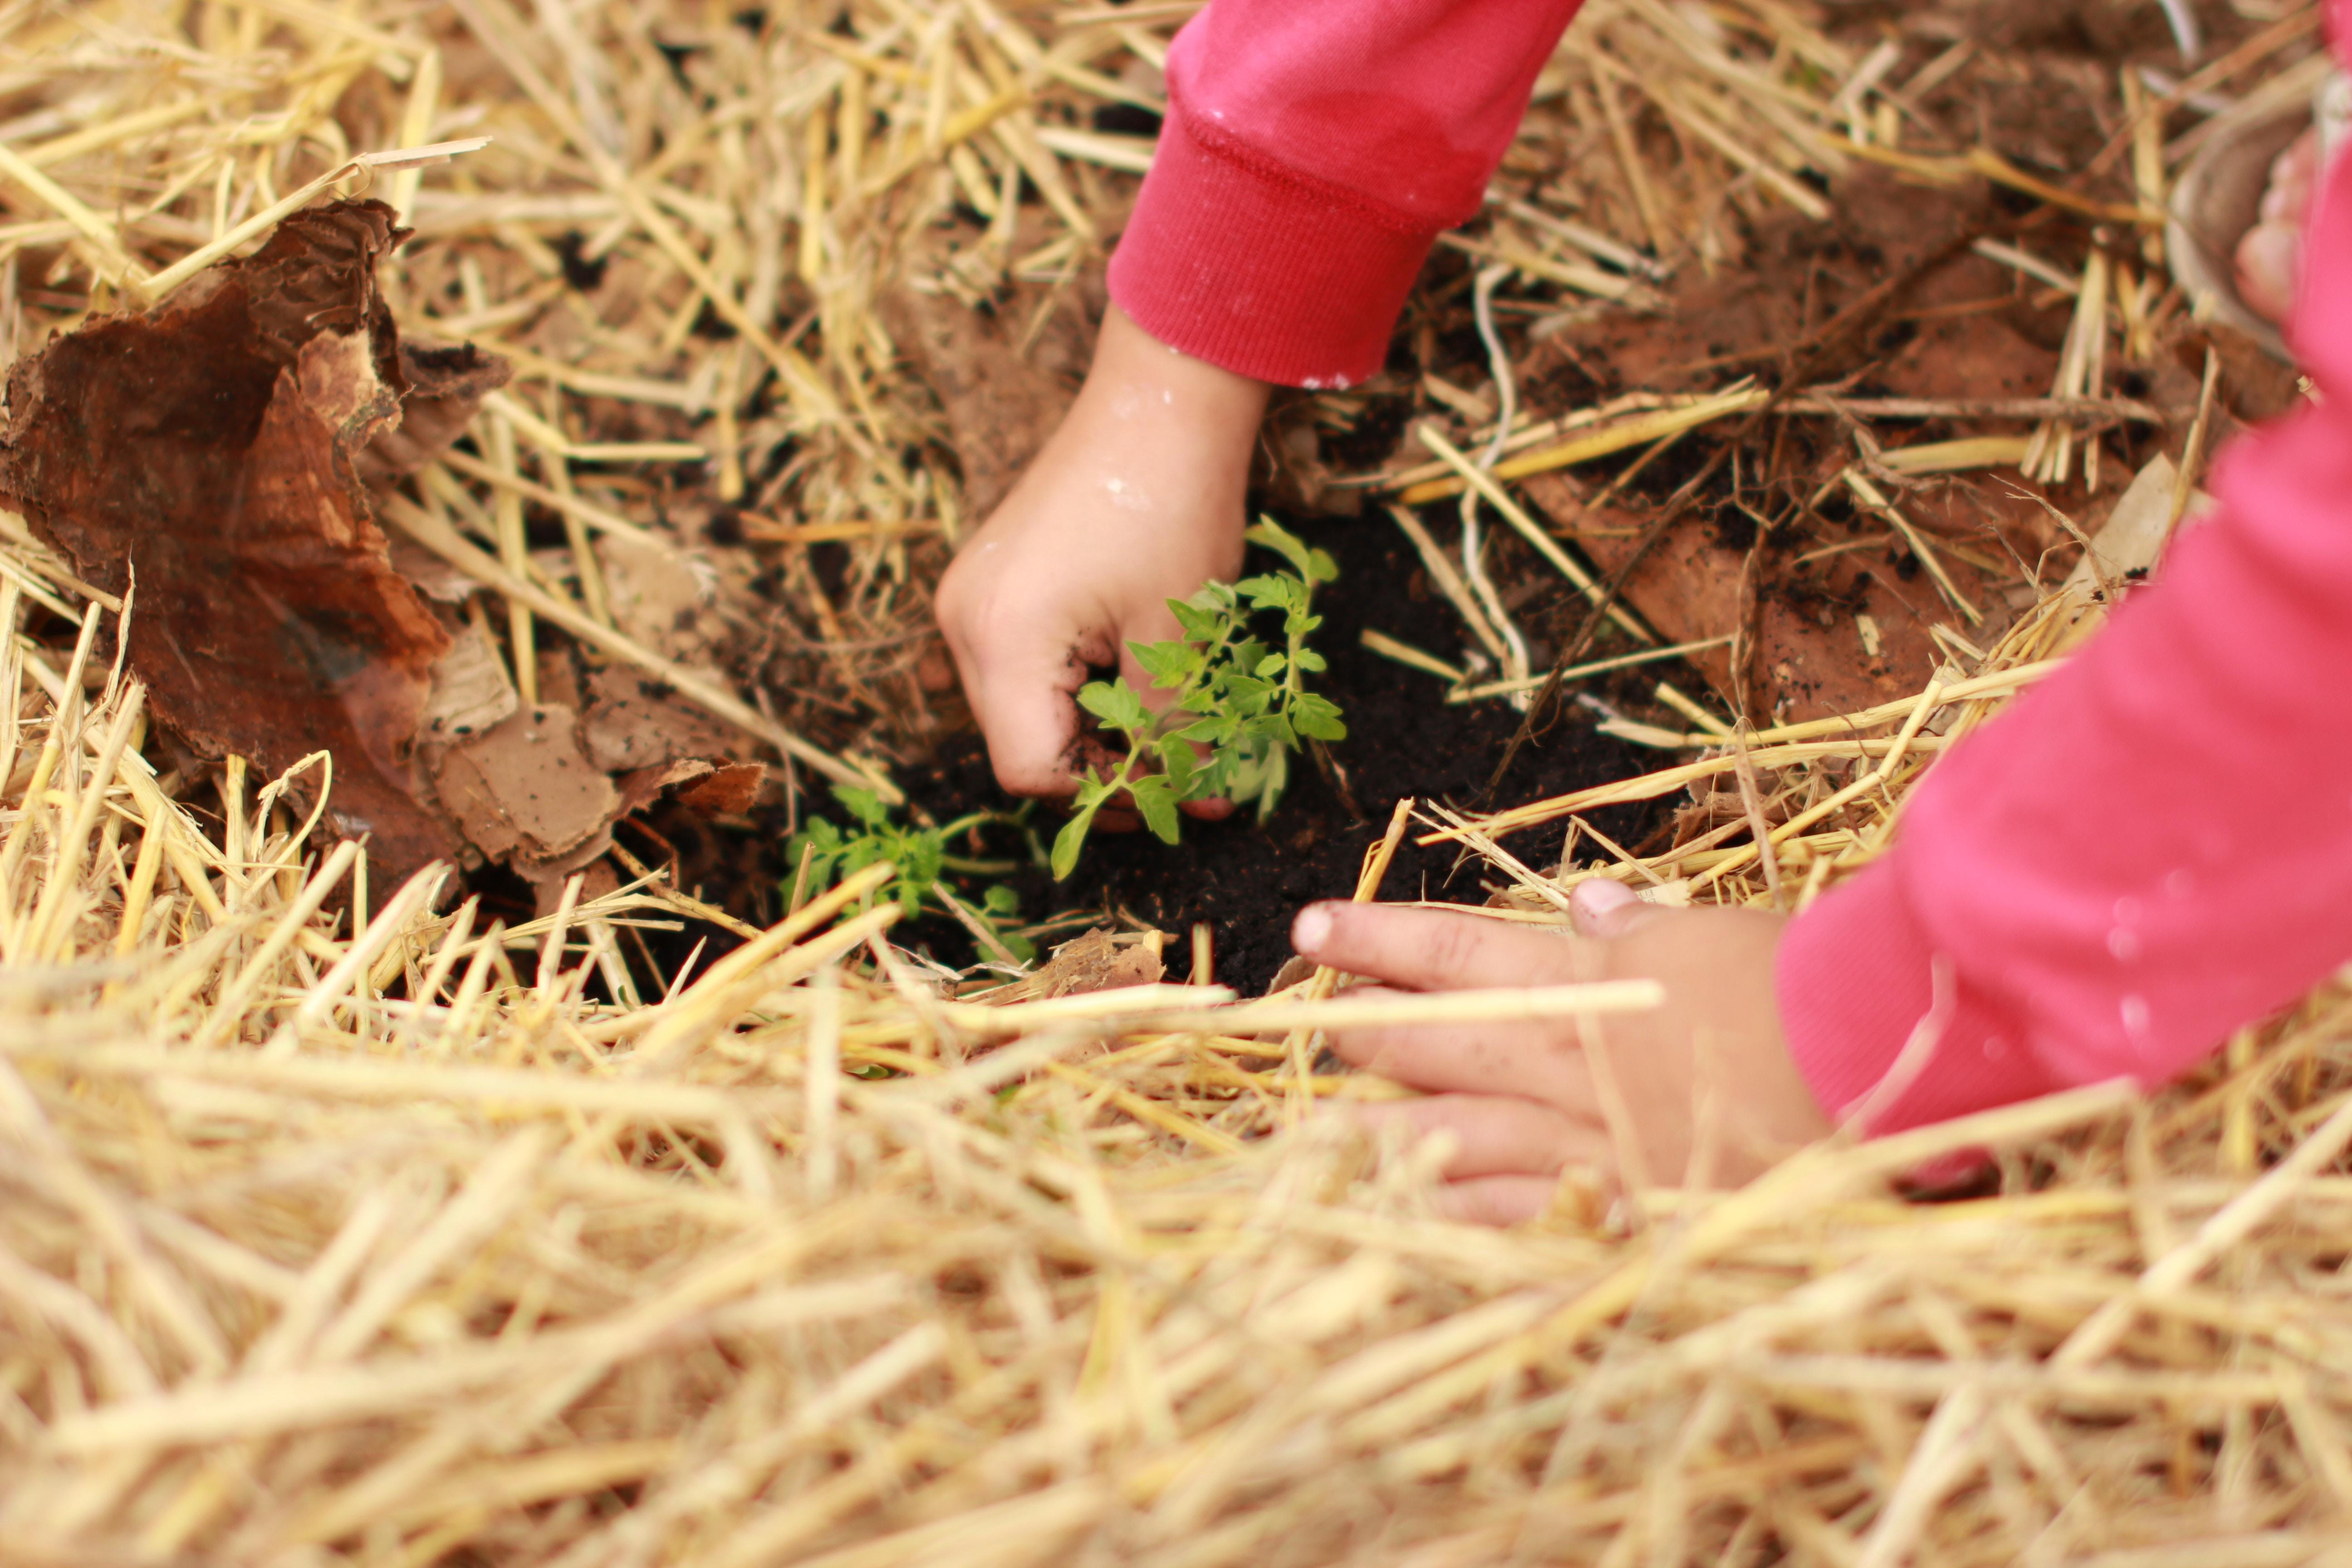 un enfant plante une jeune pousse.